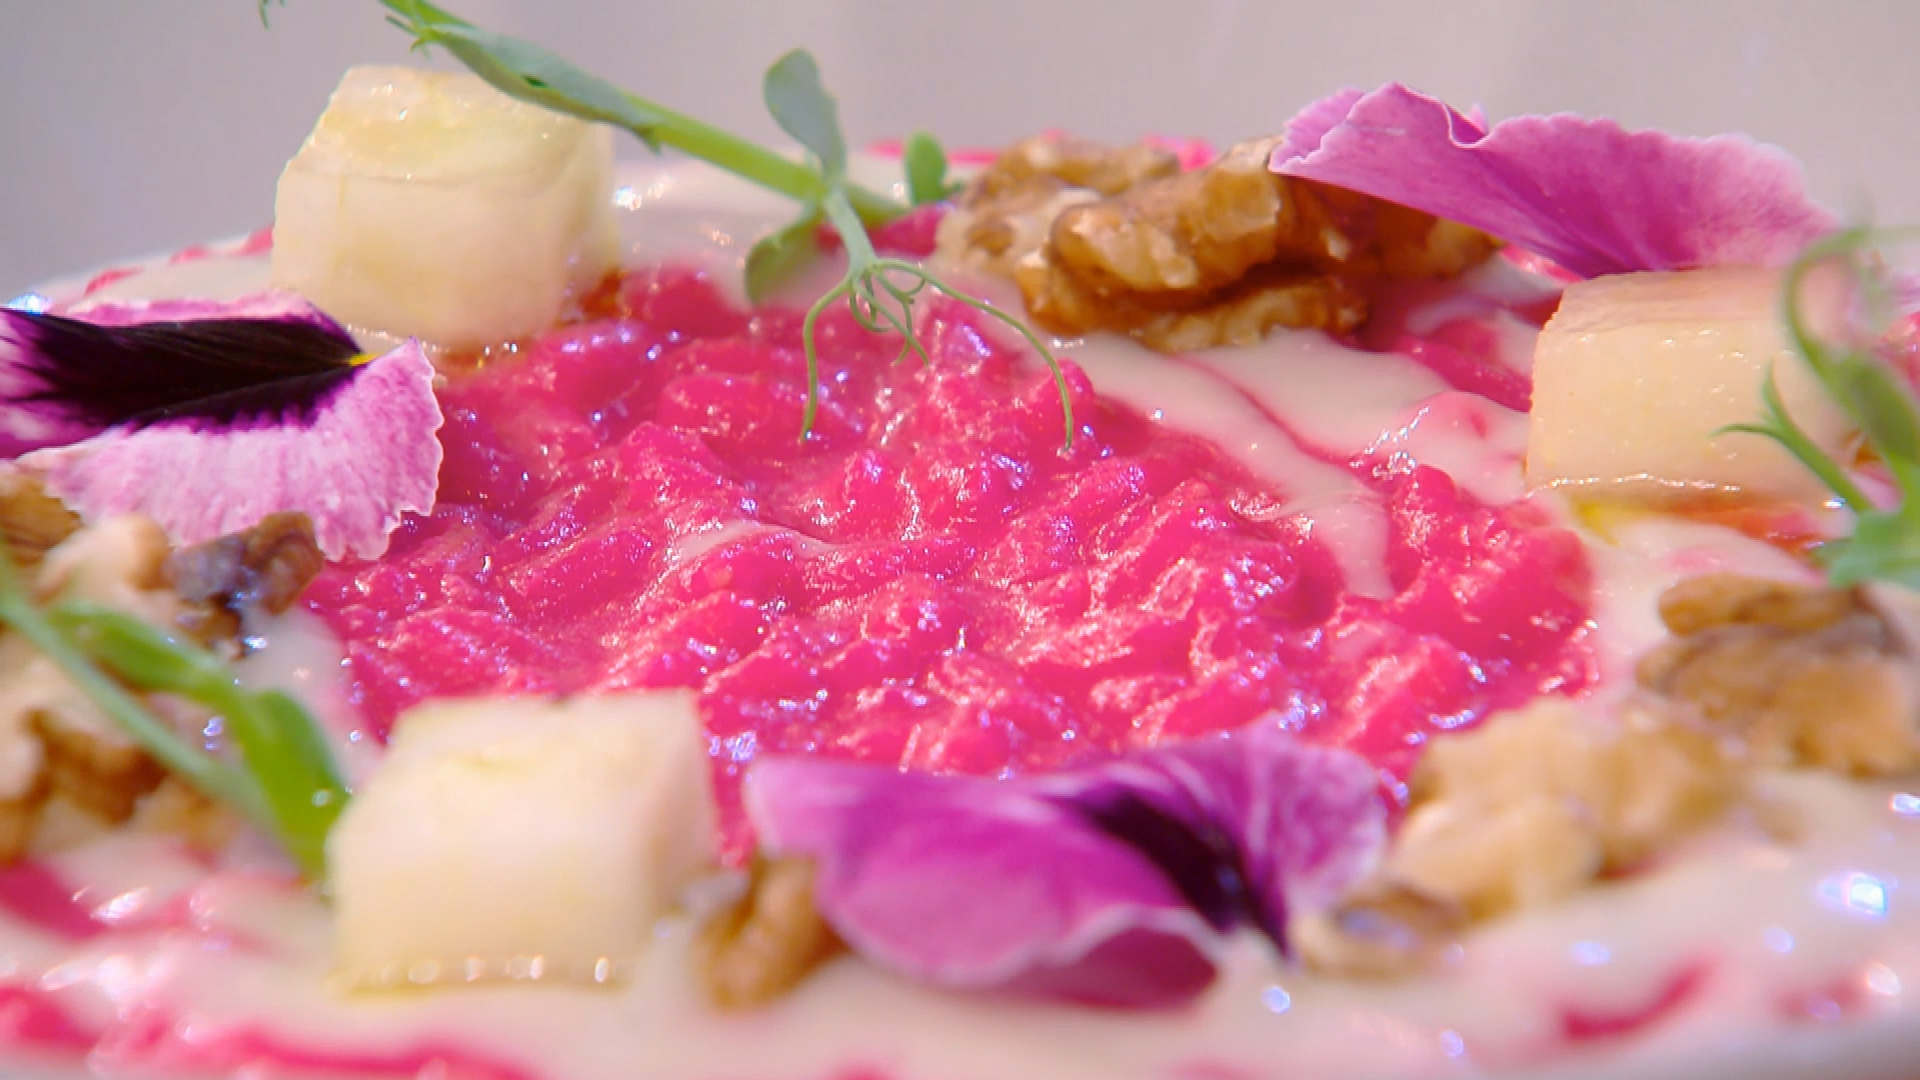 Risotto alla barbabietola di Chef Antonio Lorenzon